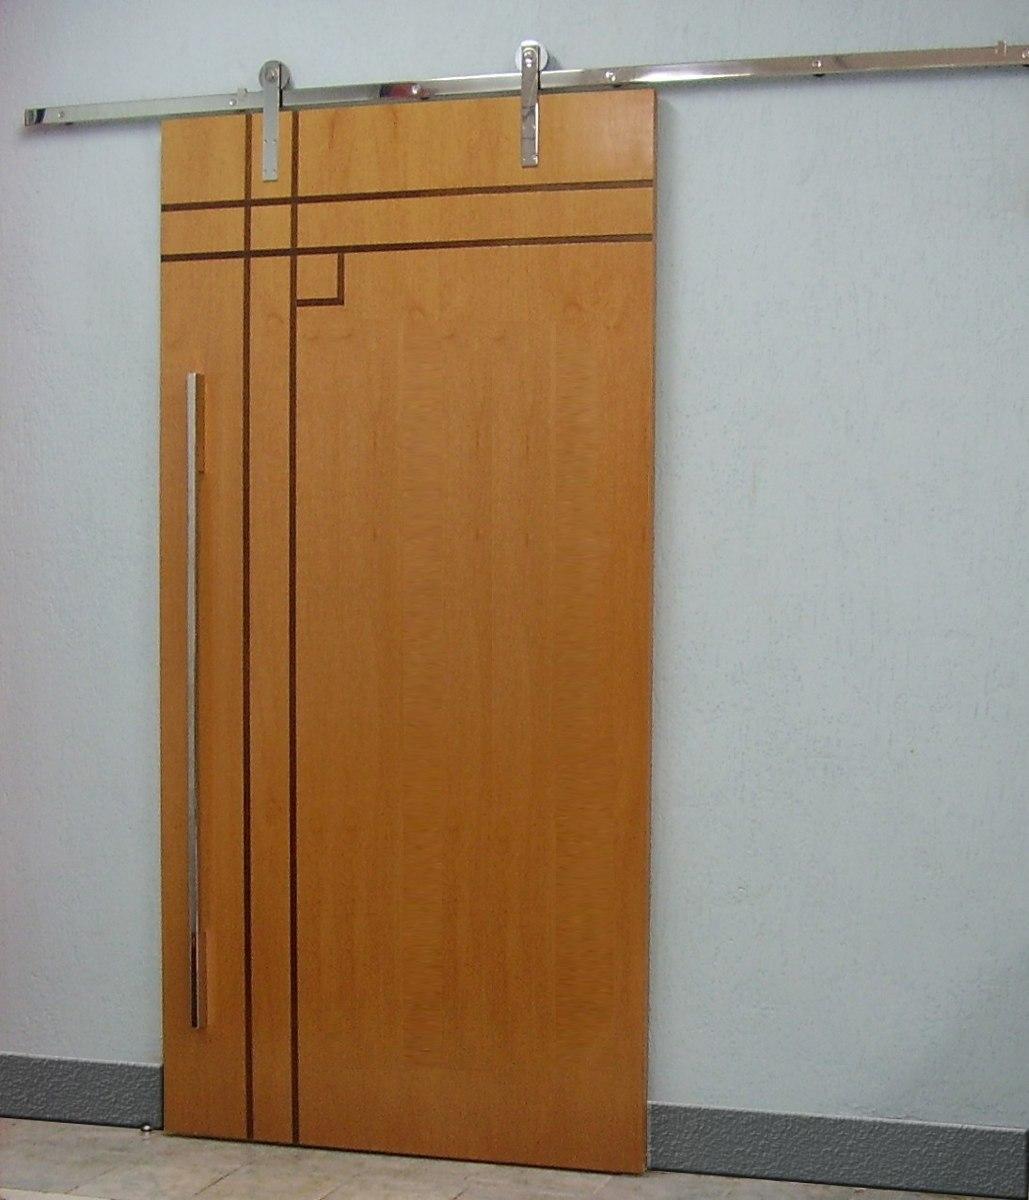 Porta de correr com detalhe de vidro r em for Porta 1 20